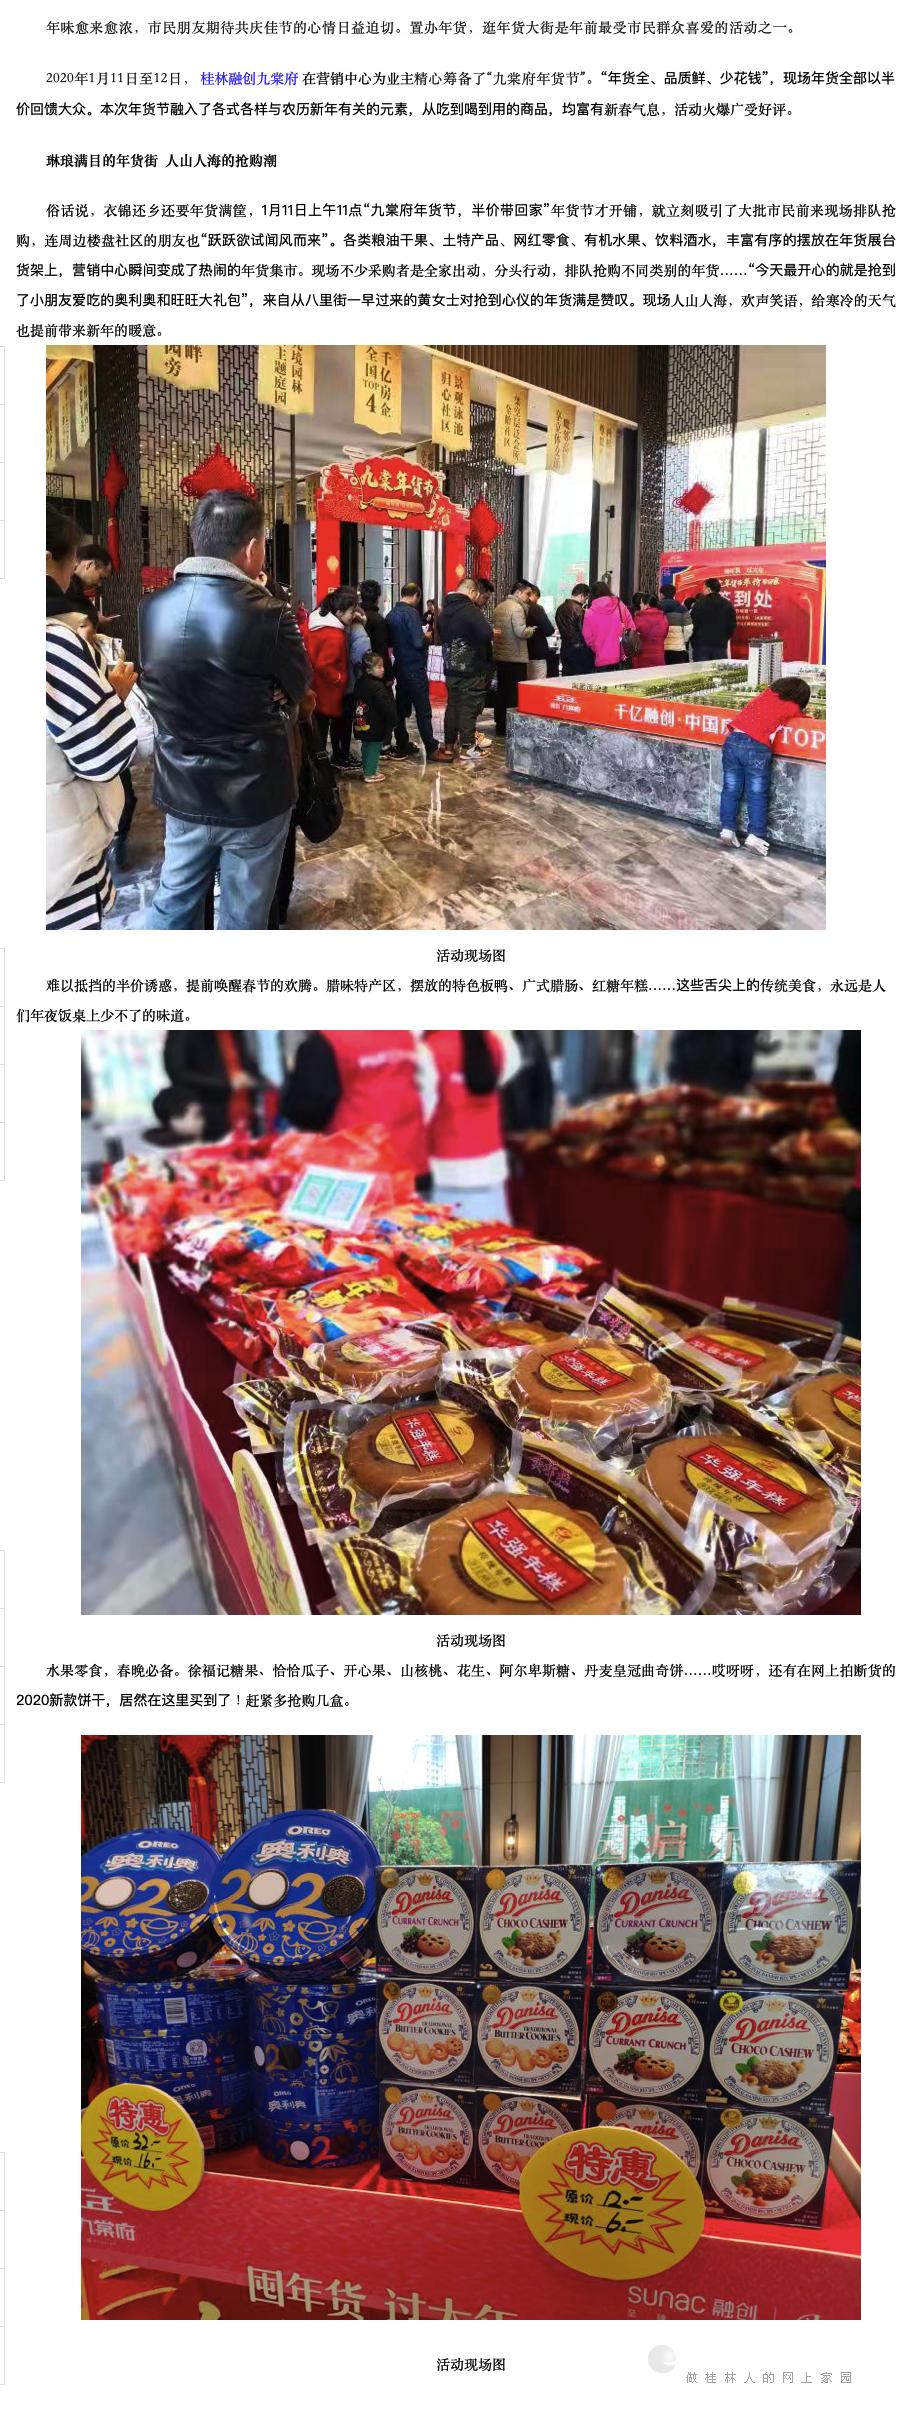 桂林融创九棠府 新春年货节火爆全城